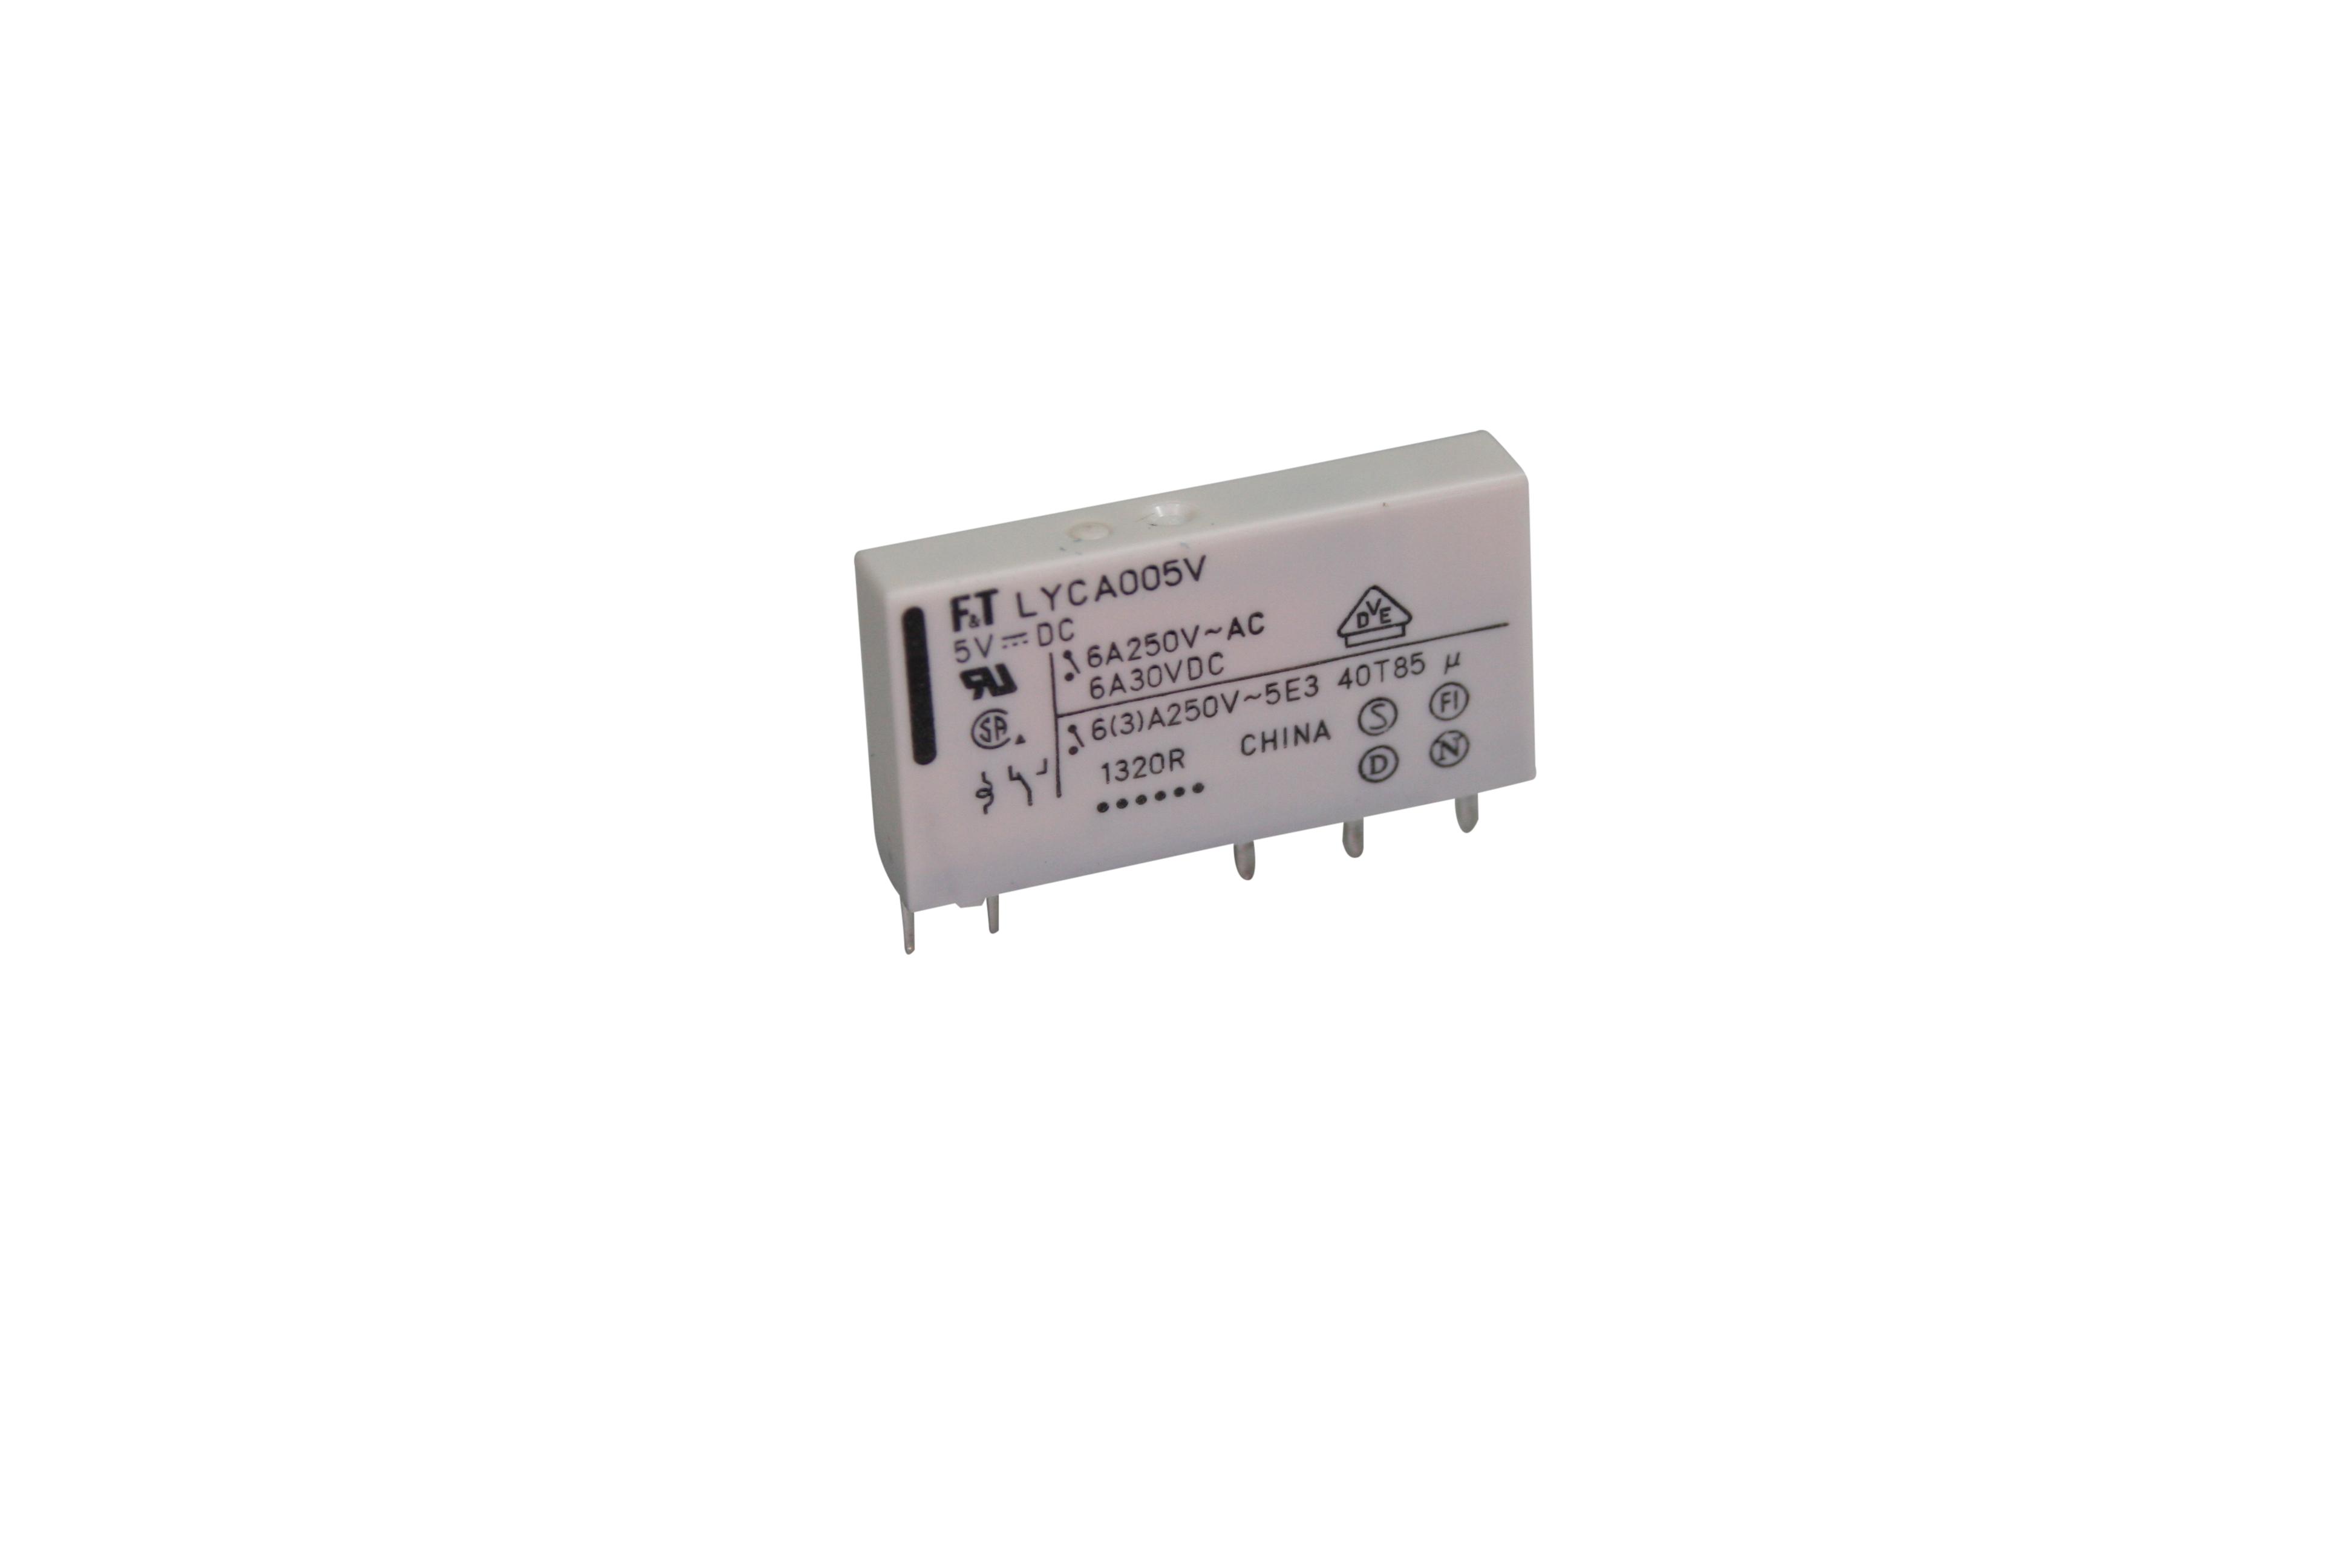 Fujitsu FTR-LY-012